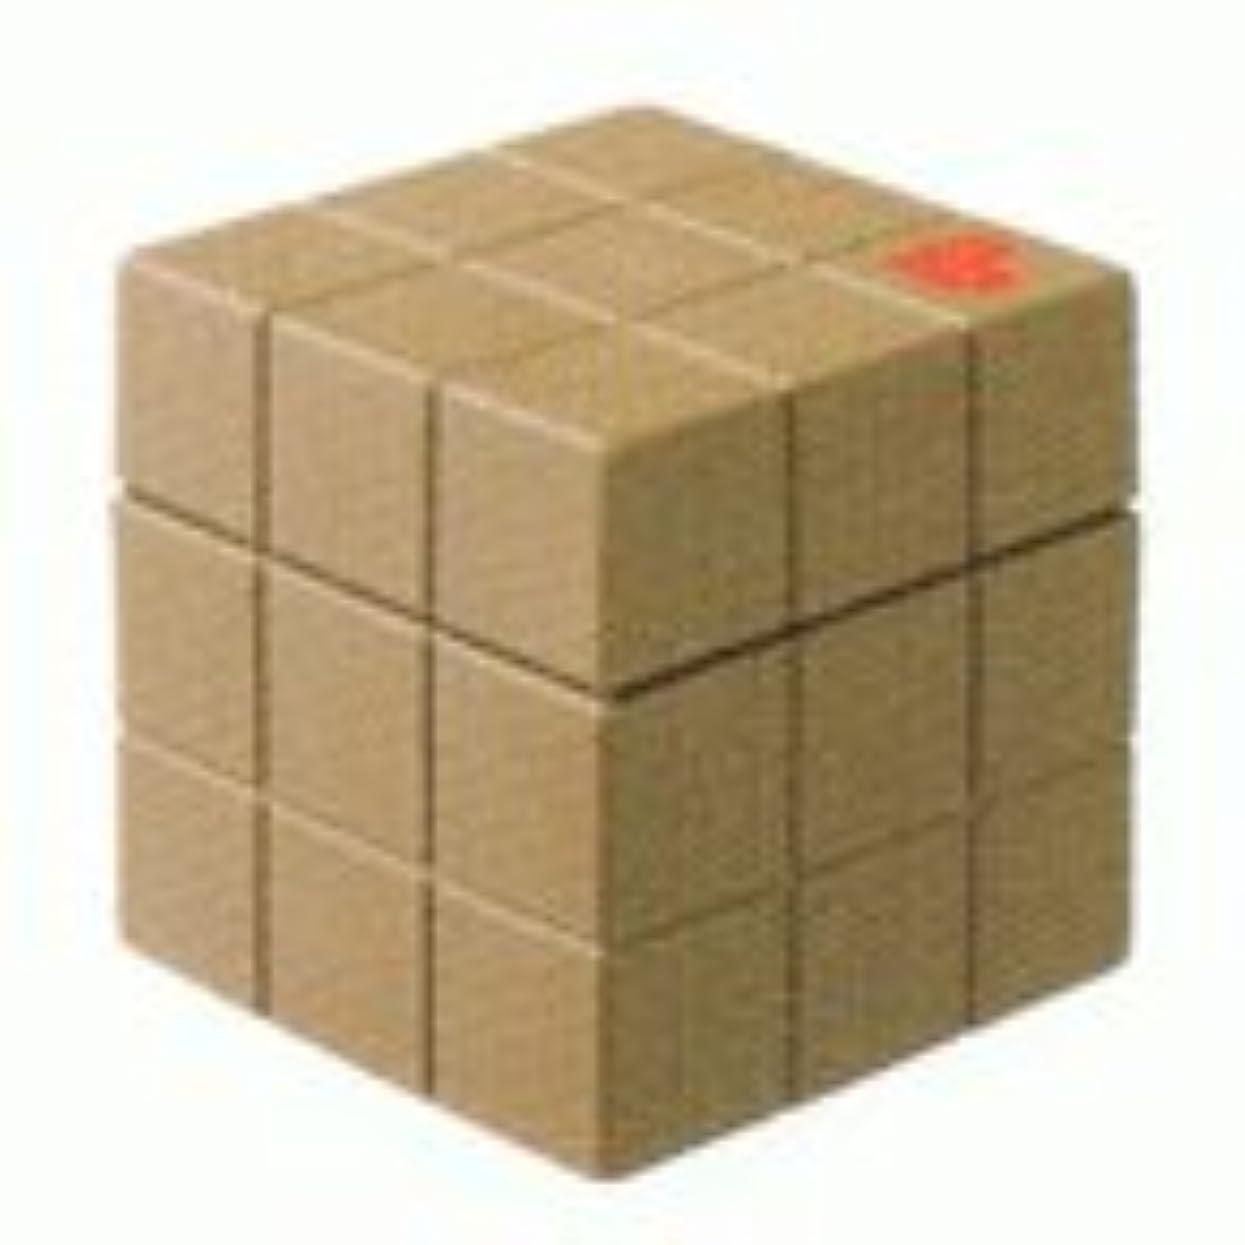 アリミノ ピース ソフトワックス 80g(カフェオレ)